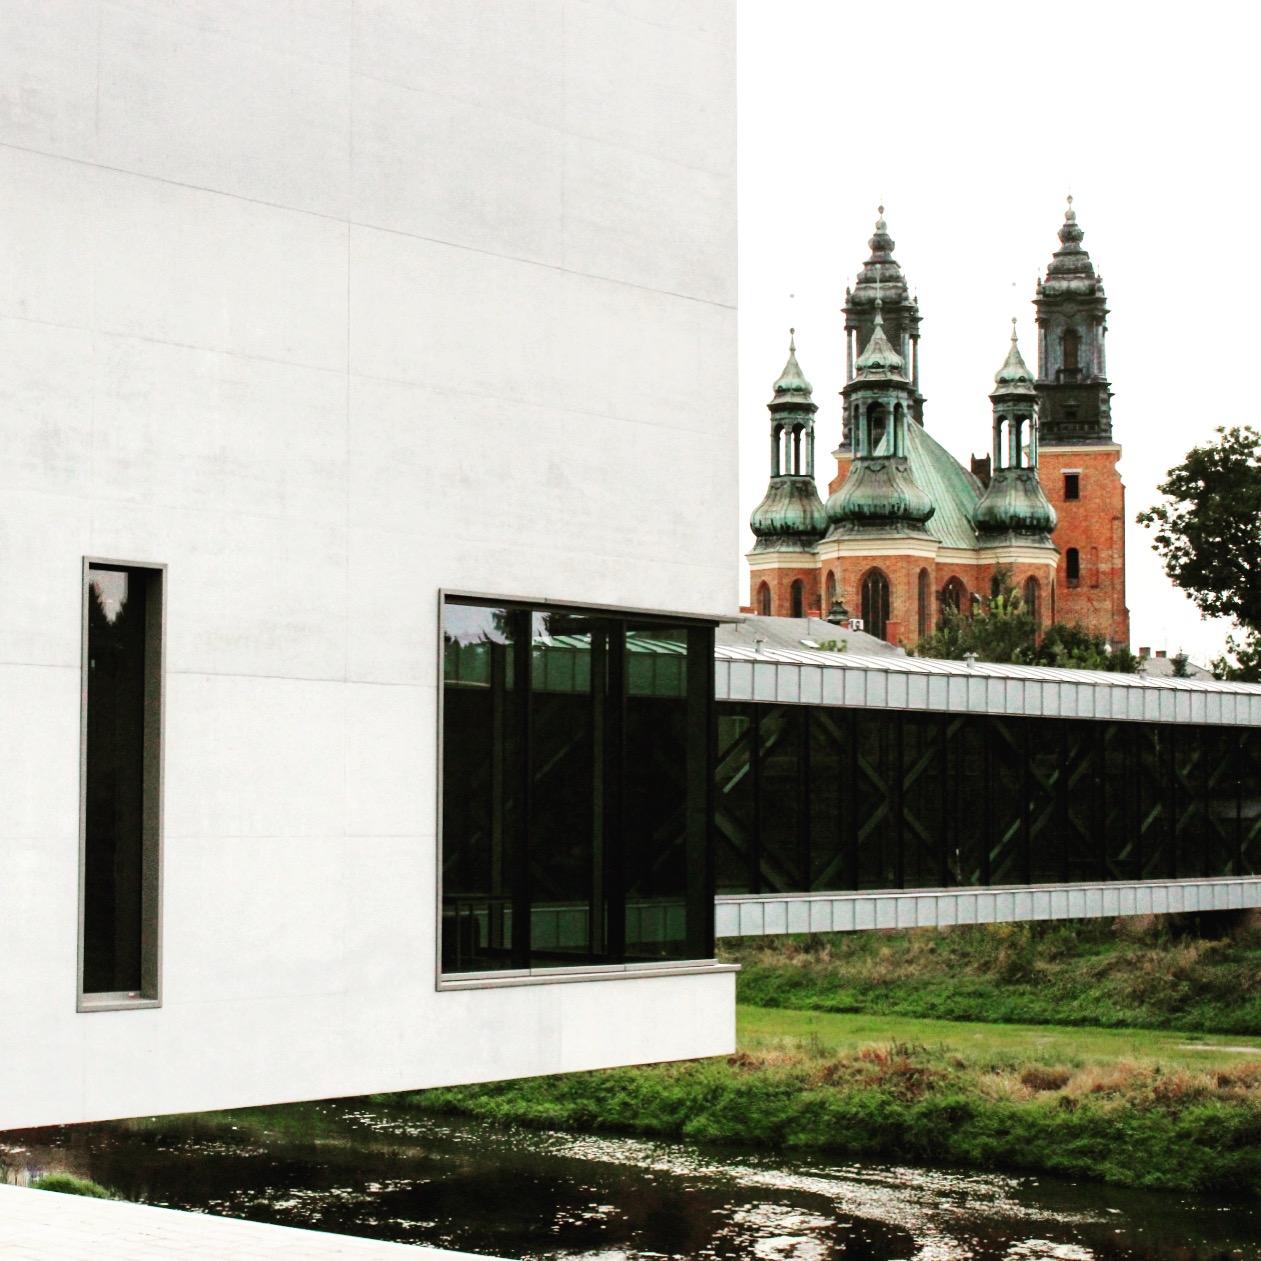 Brama Poznania instameet